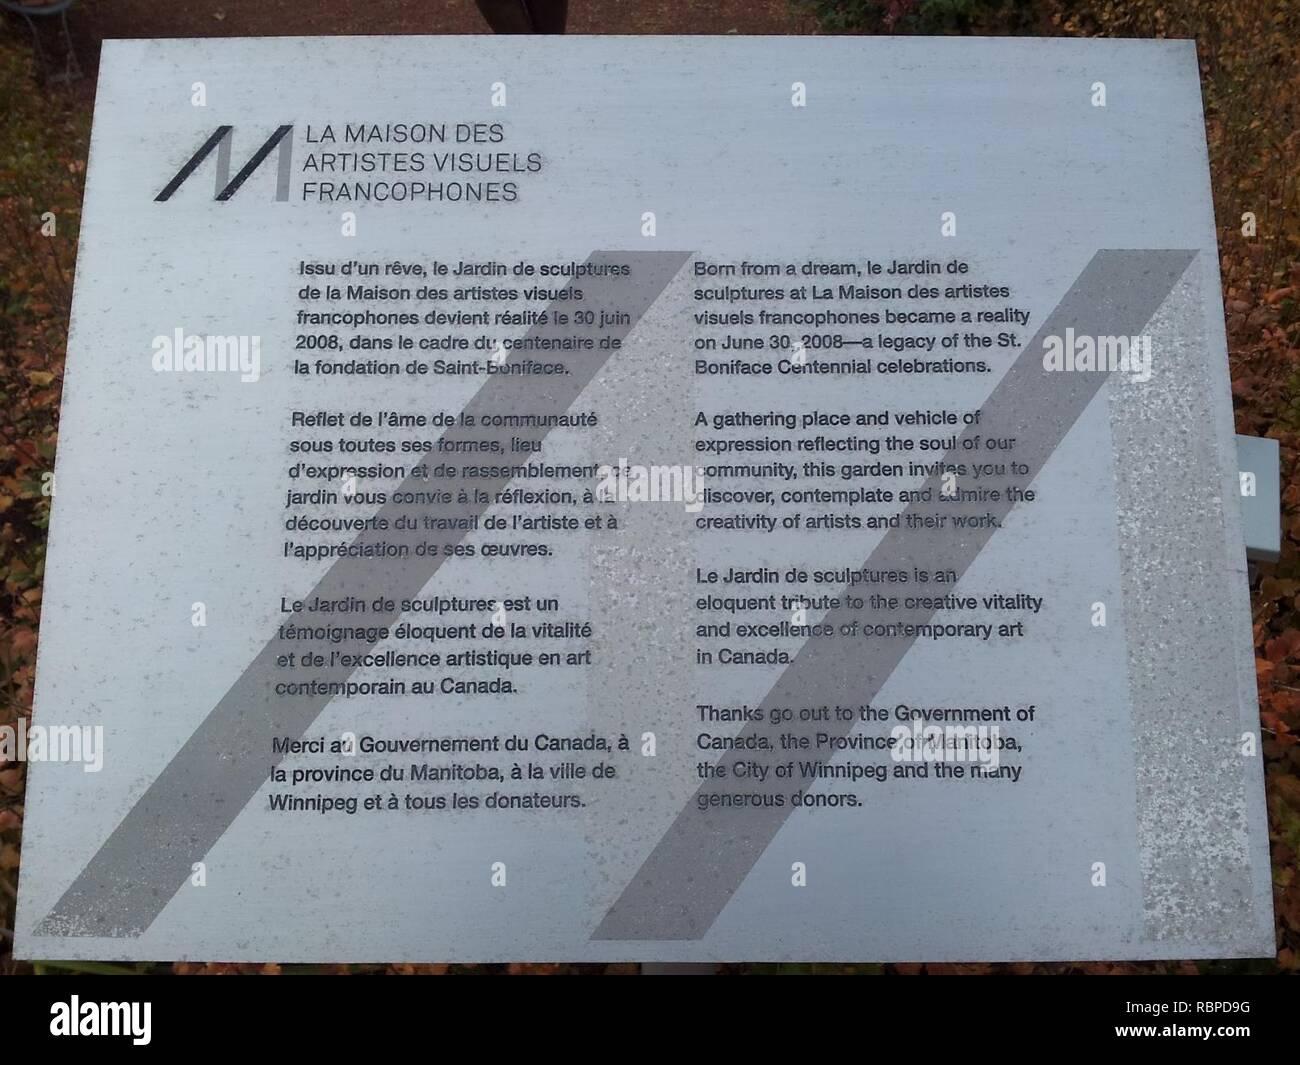 'La Maison des Artistes Visuels Francophones' signage. - Stock Image